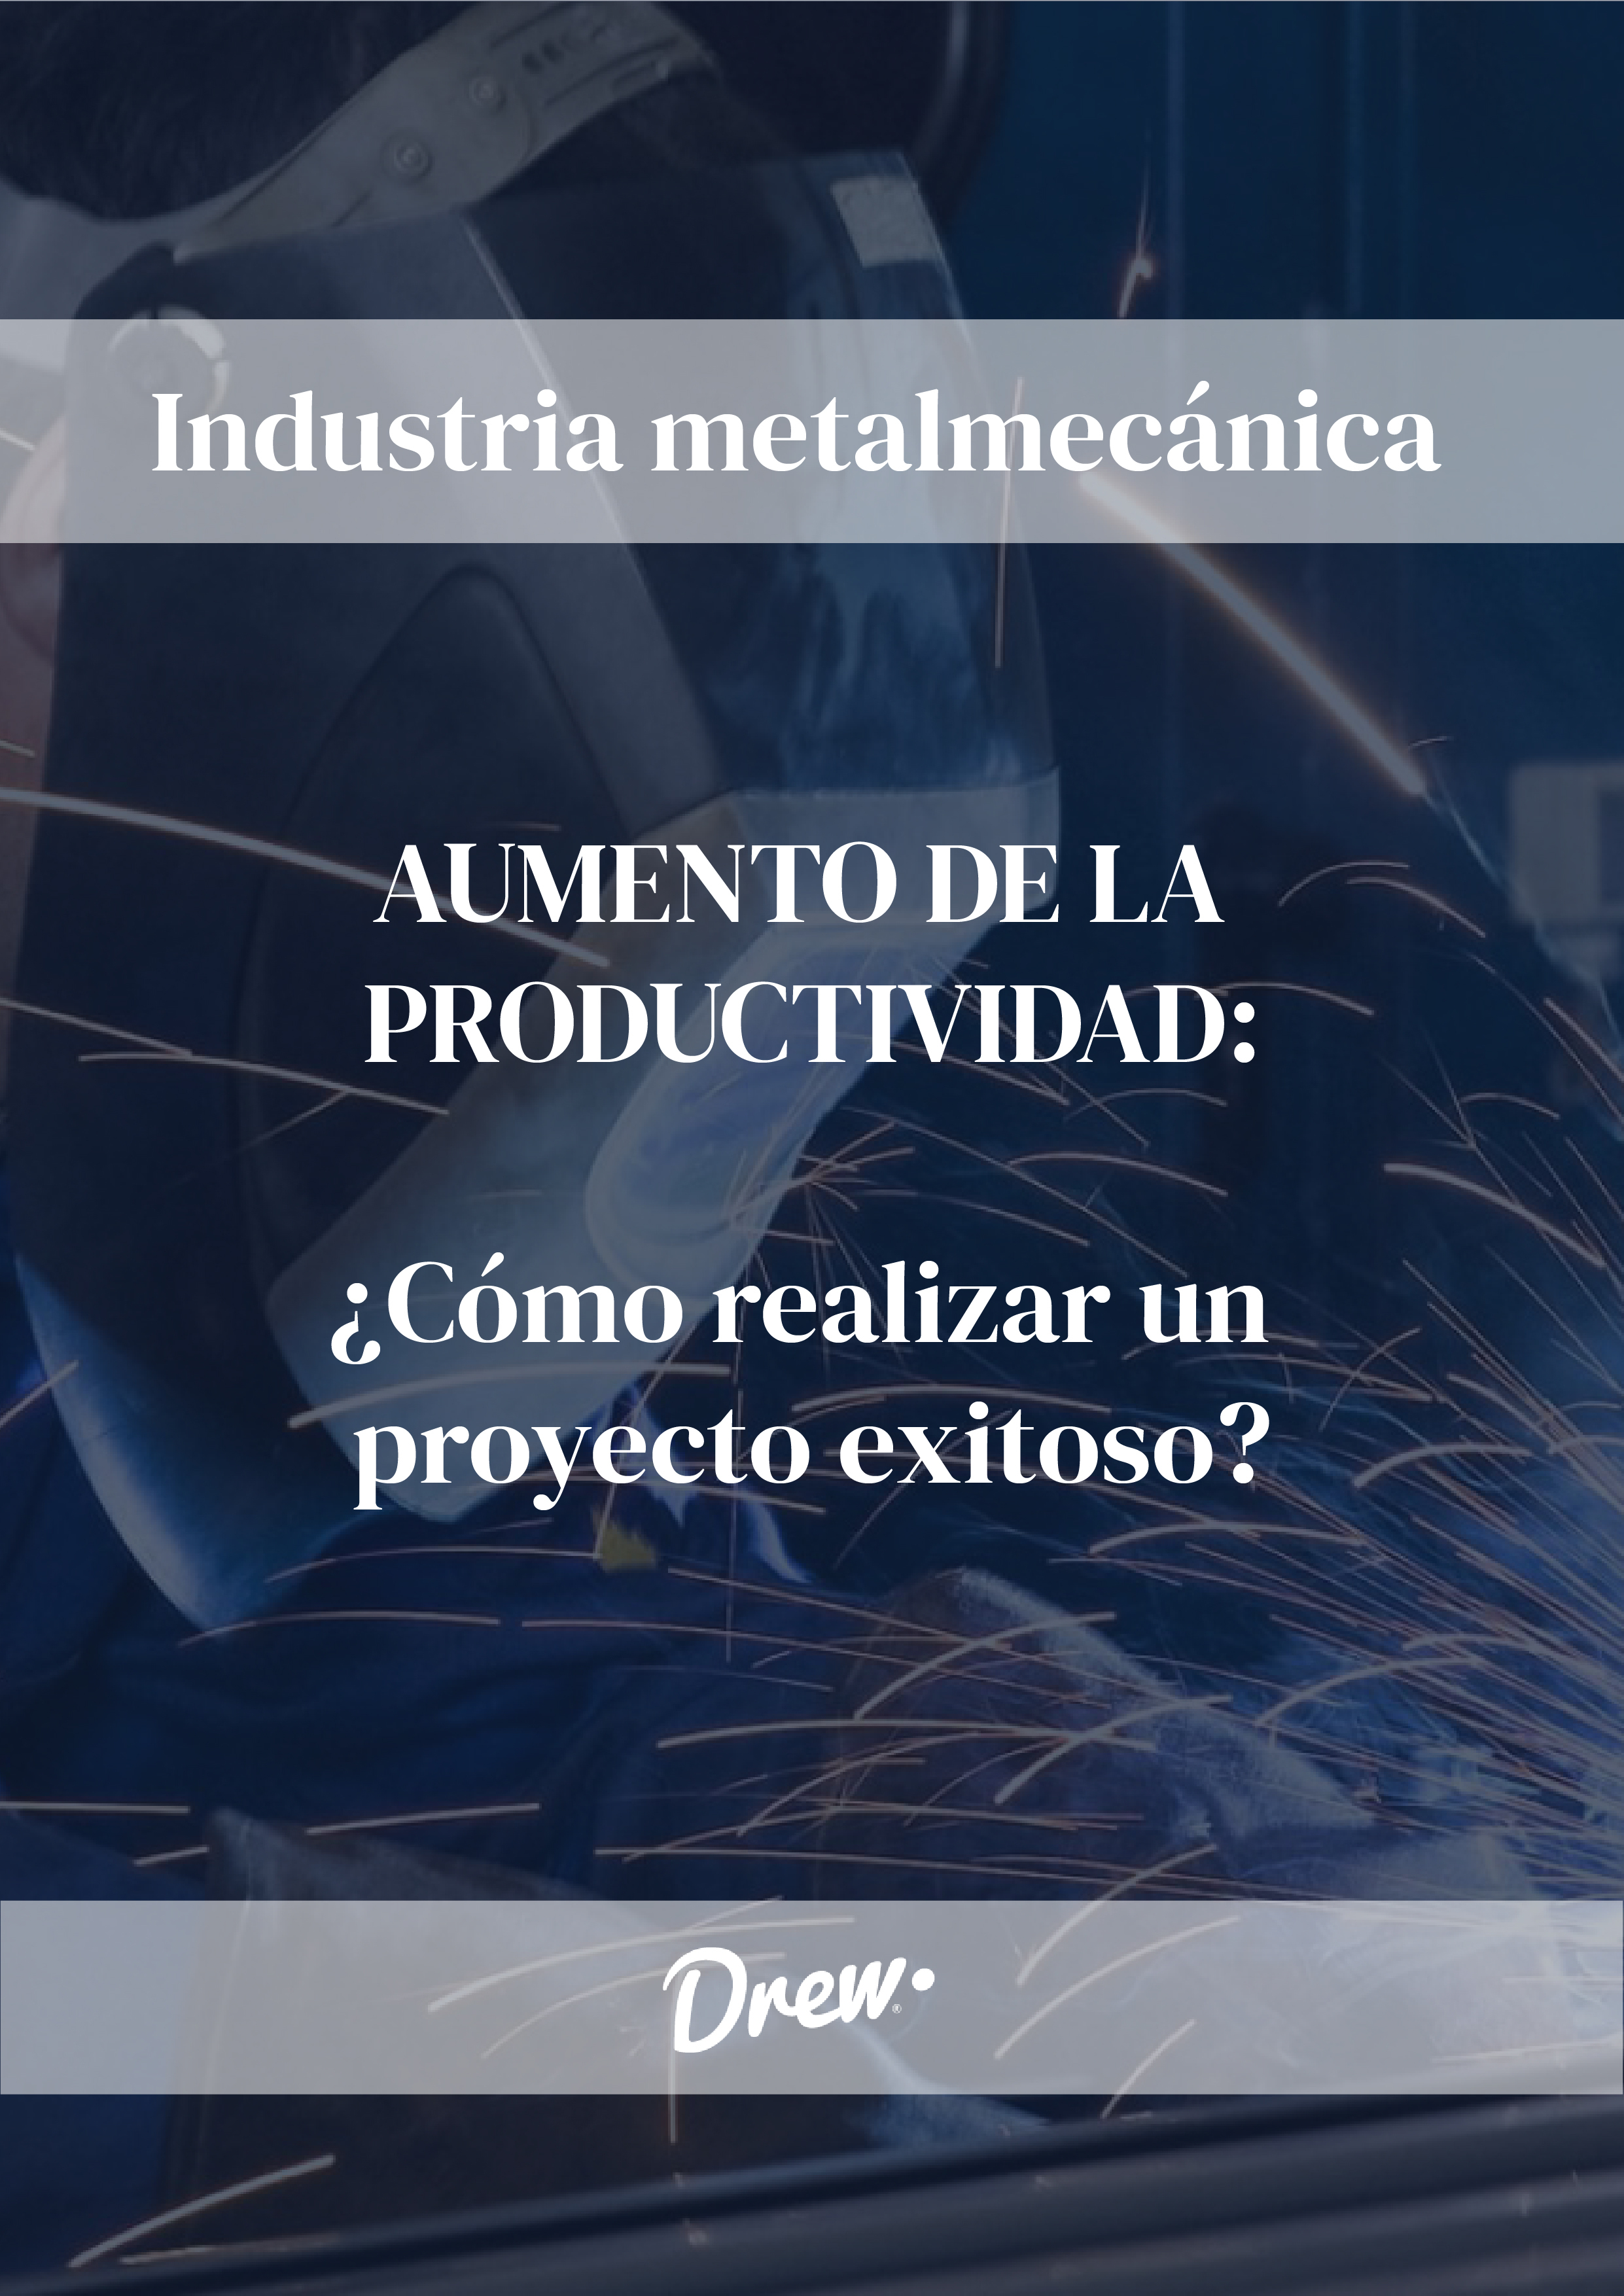 Aumentar la productividad en la industria metalmecánica